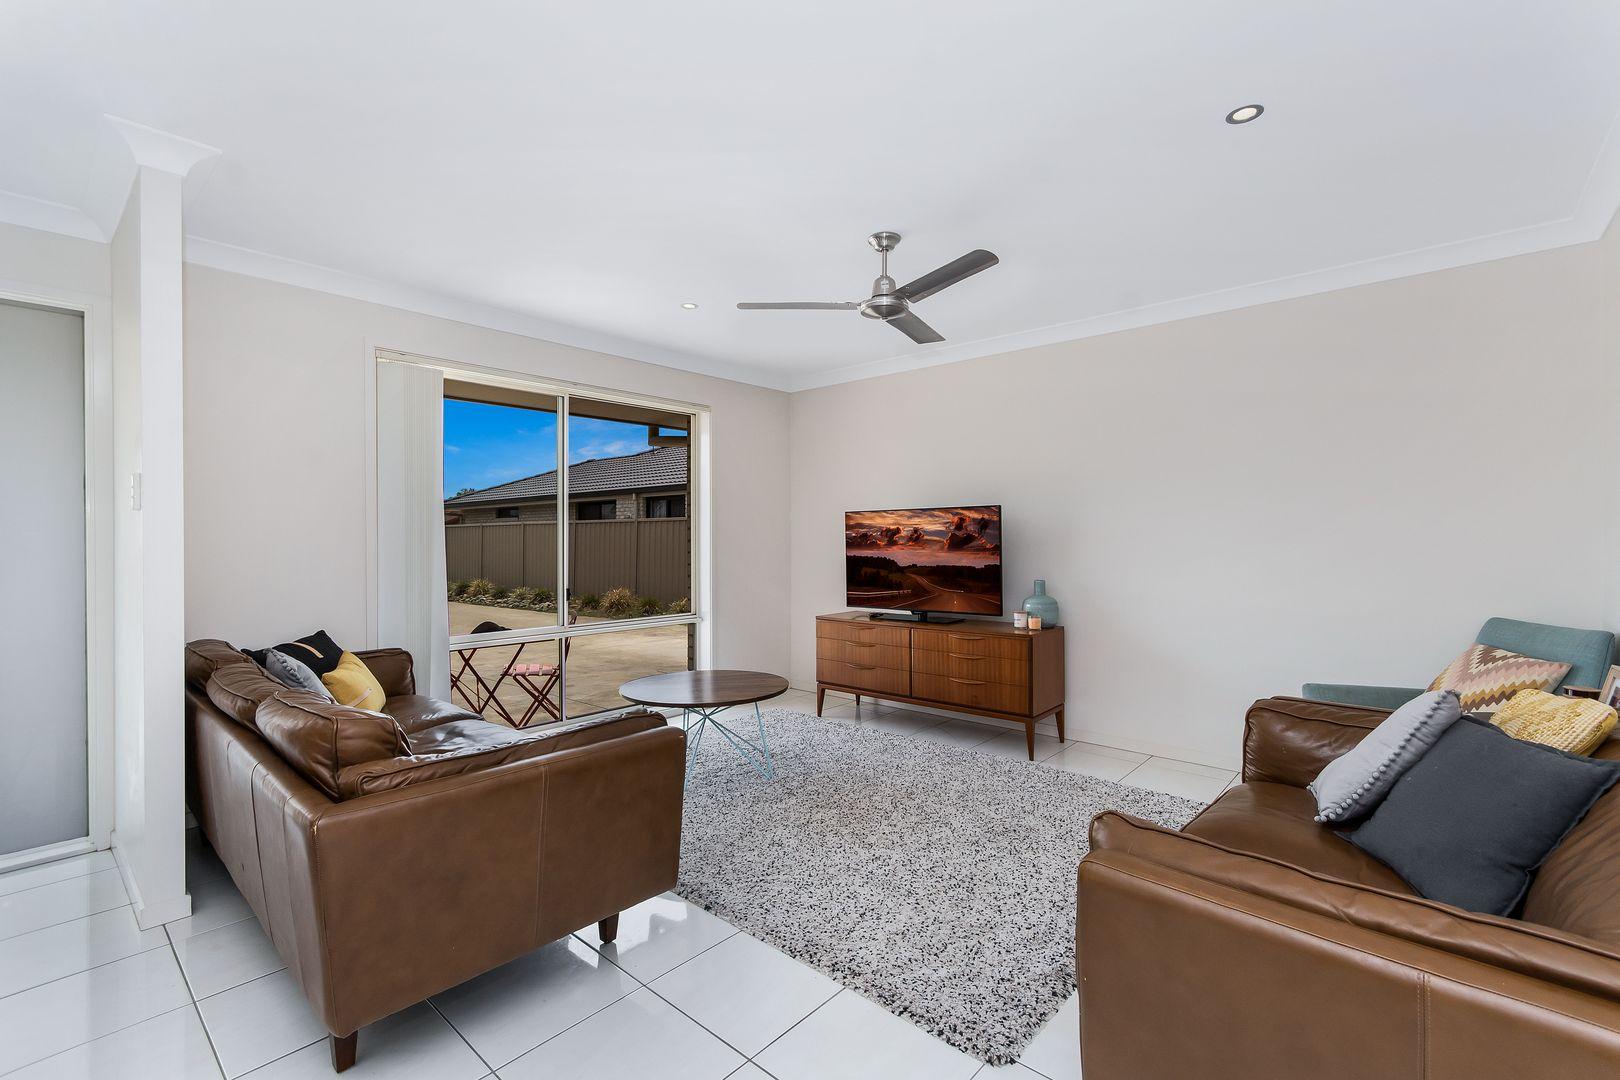 2/24 Kookaburra Court, Yamba NSW 2464, Image 2